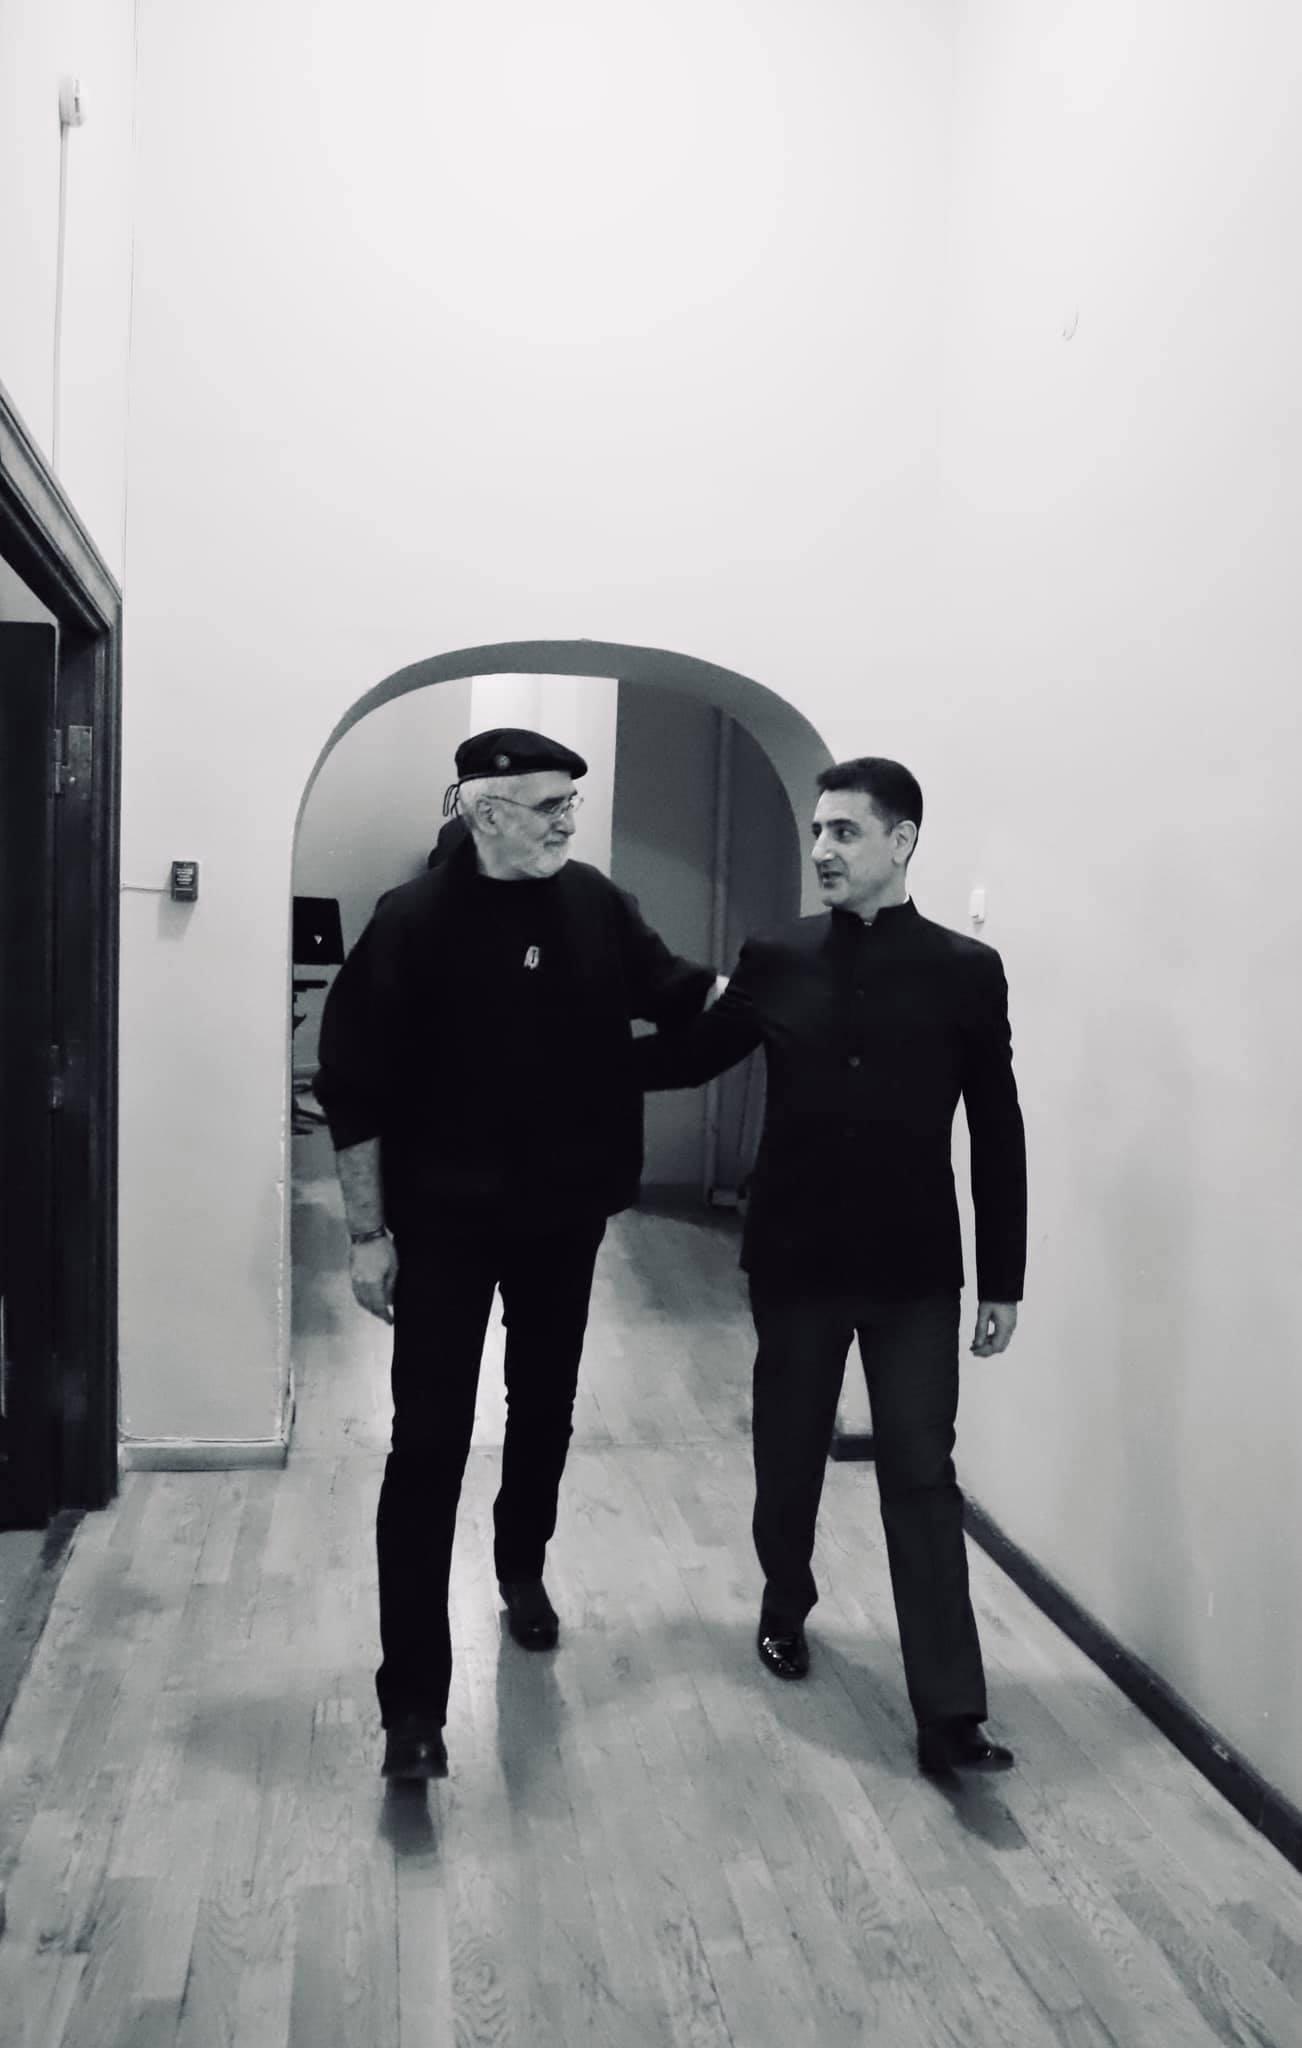 Фото Гарегин Агабекян, концерт LUX PERPETUA 28.04.21 Ереван